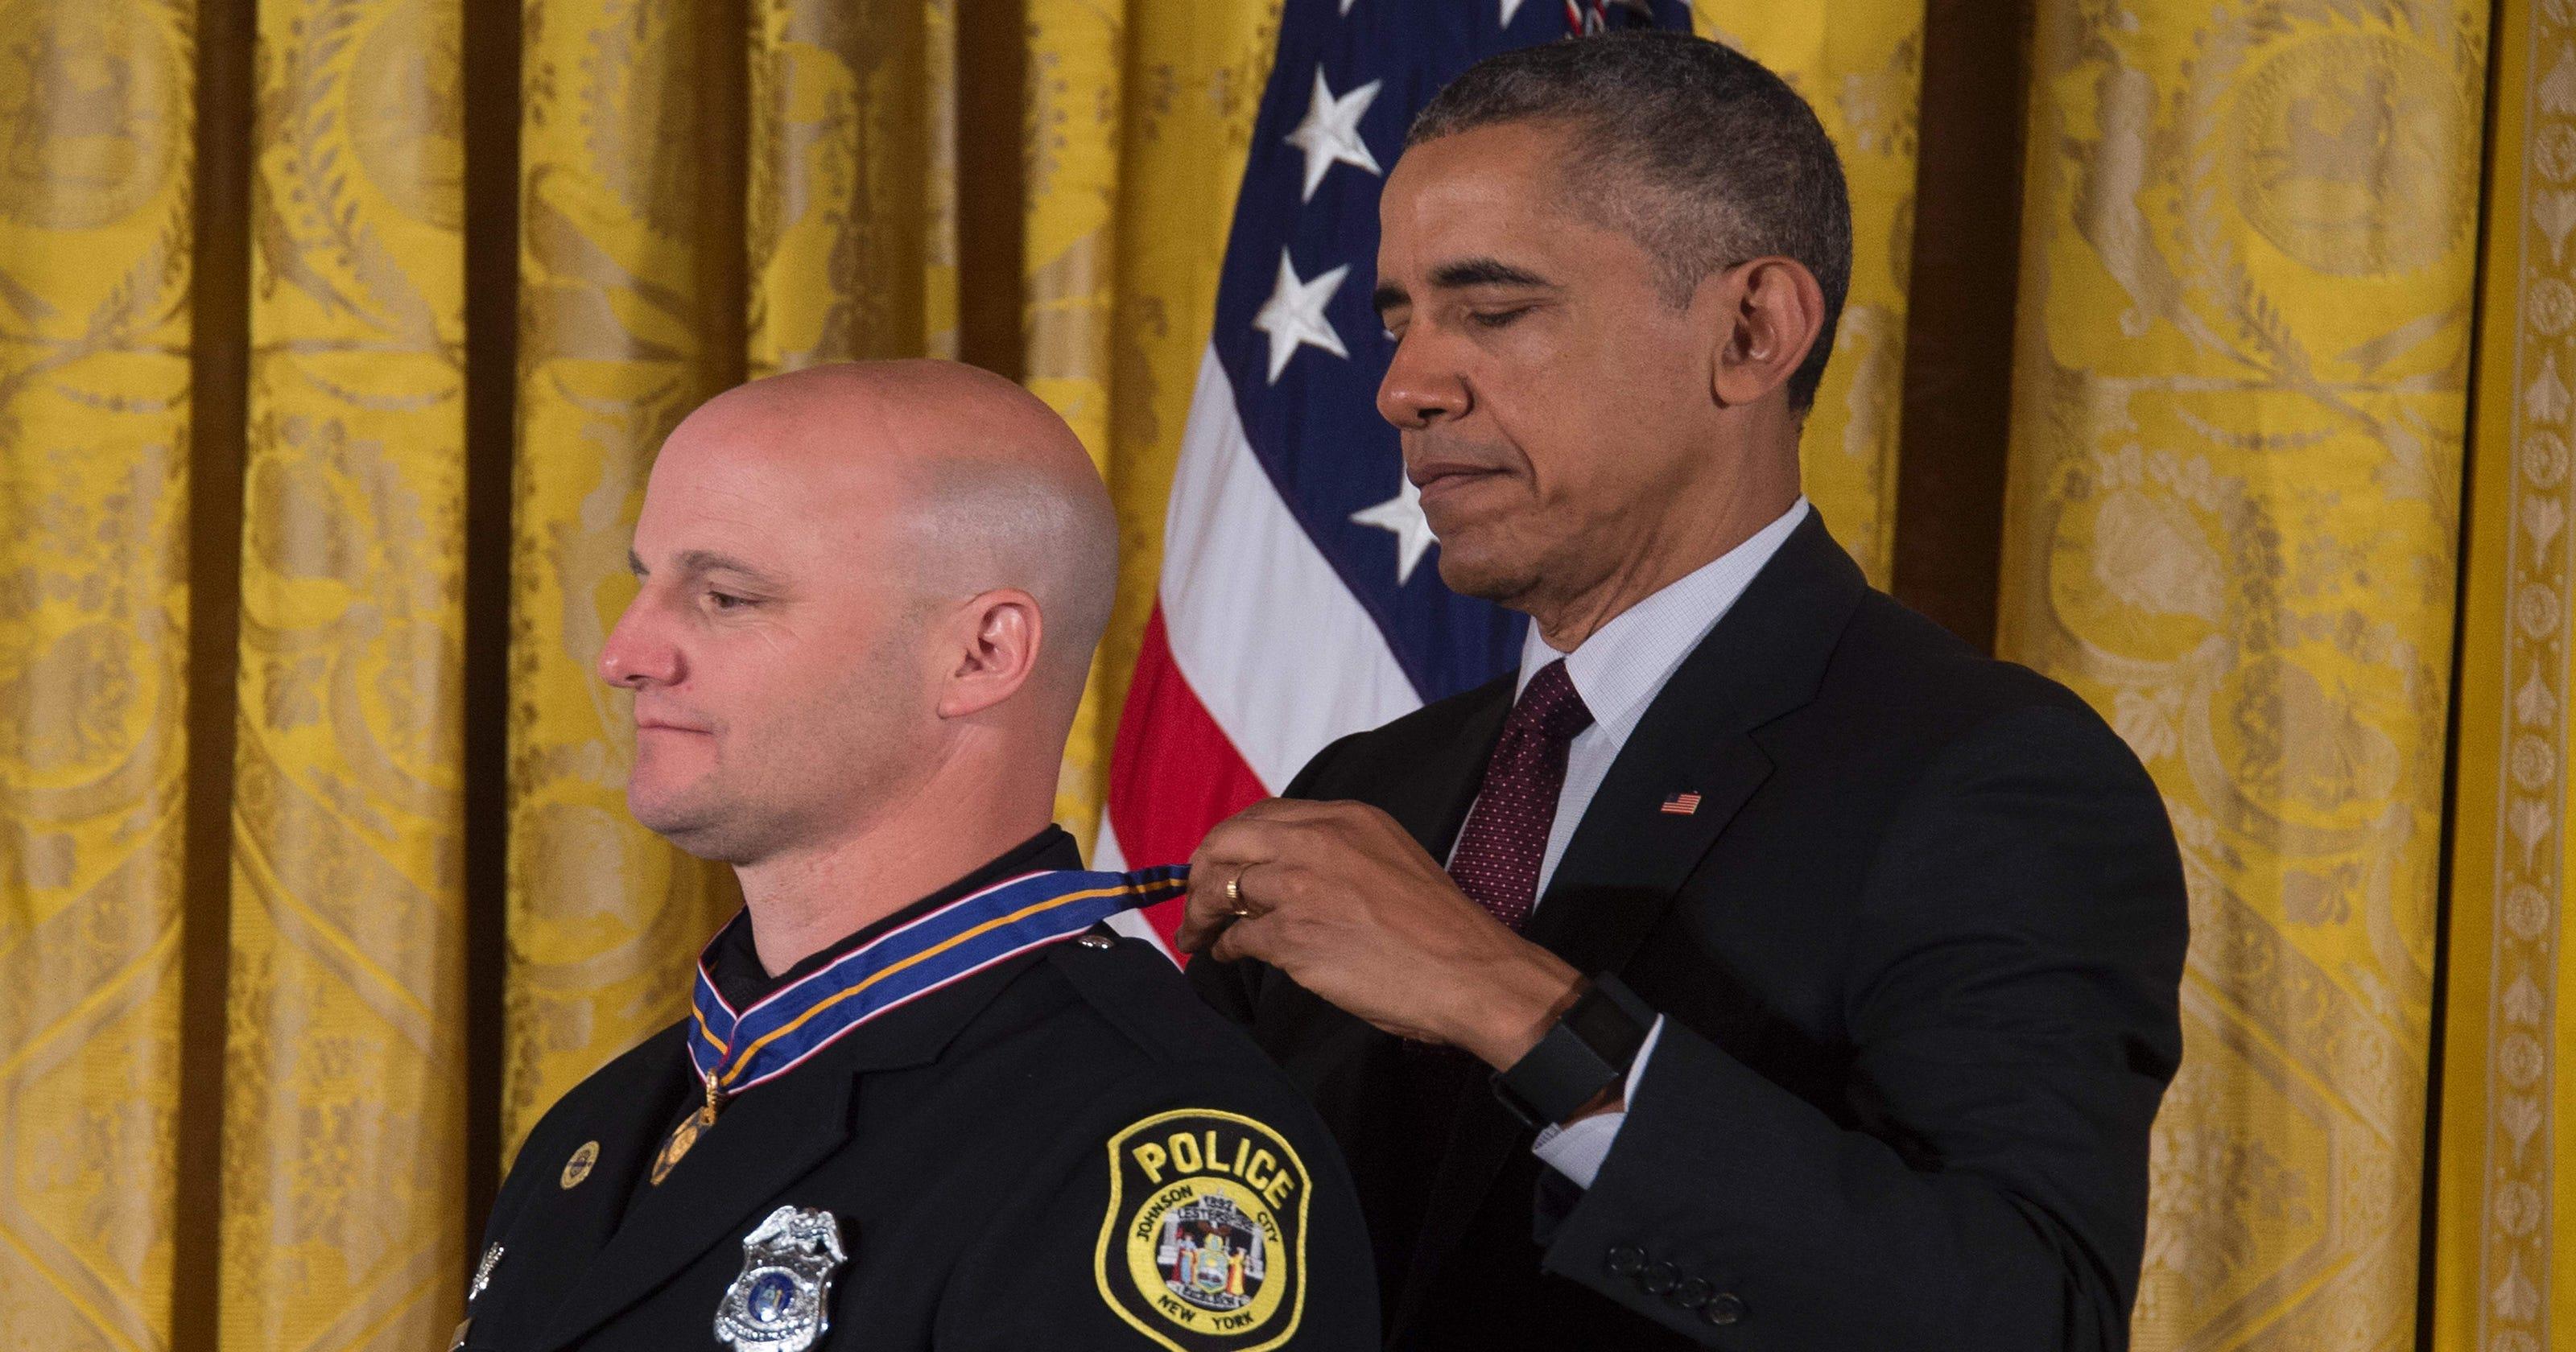 Obama awards Medal of Valor to 13 police officers